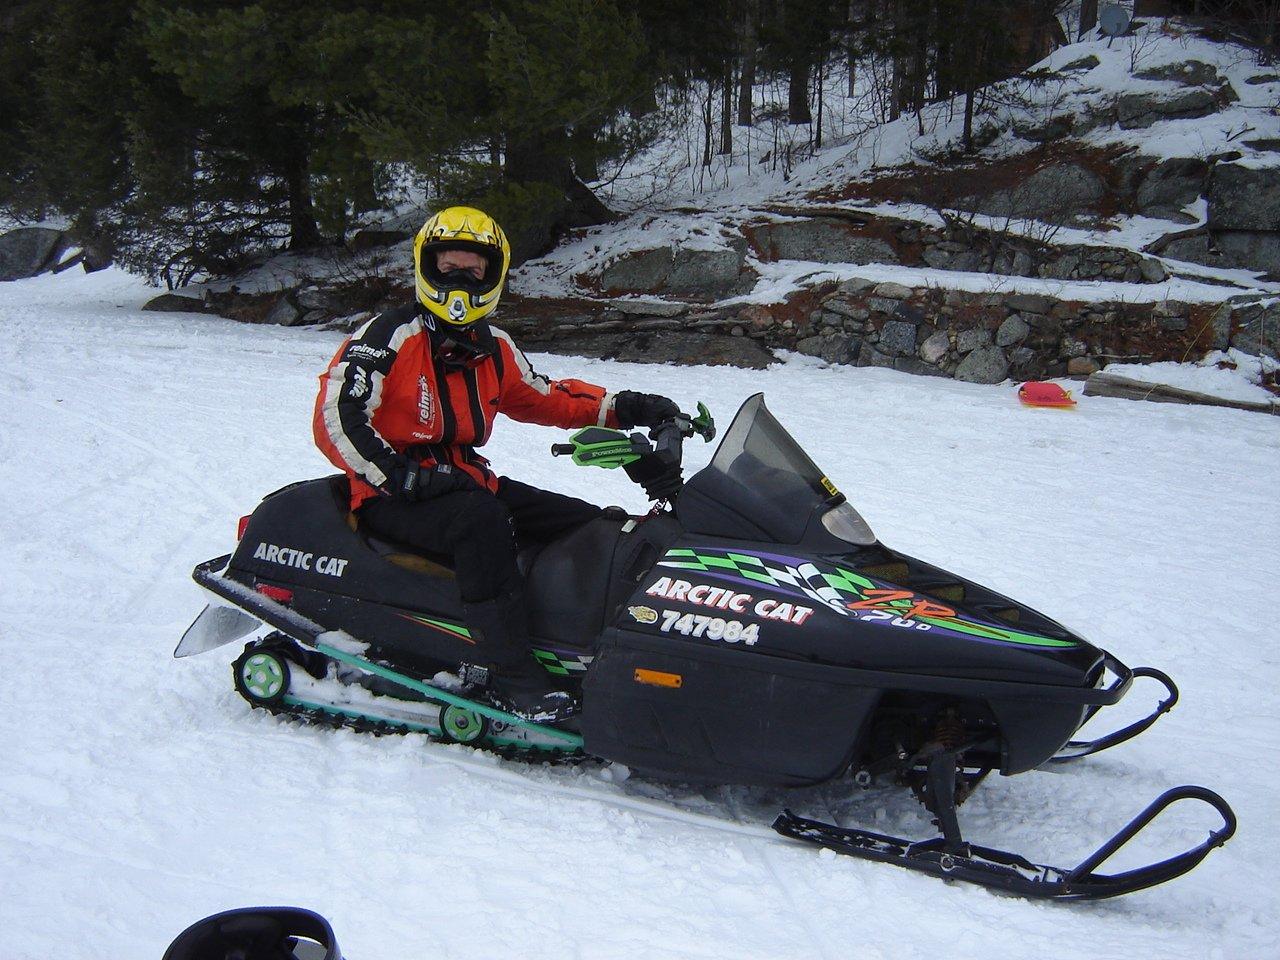 2004 700 polaris snowmobile wiringdiagrams